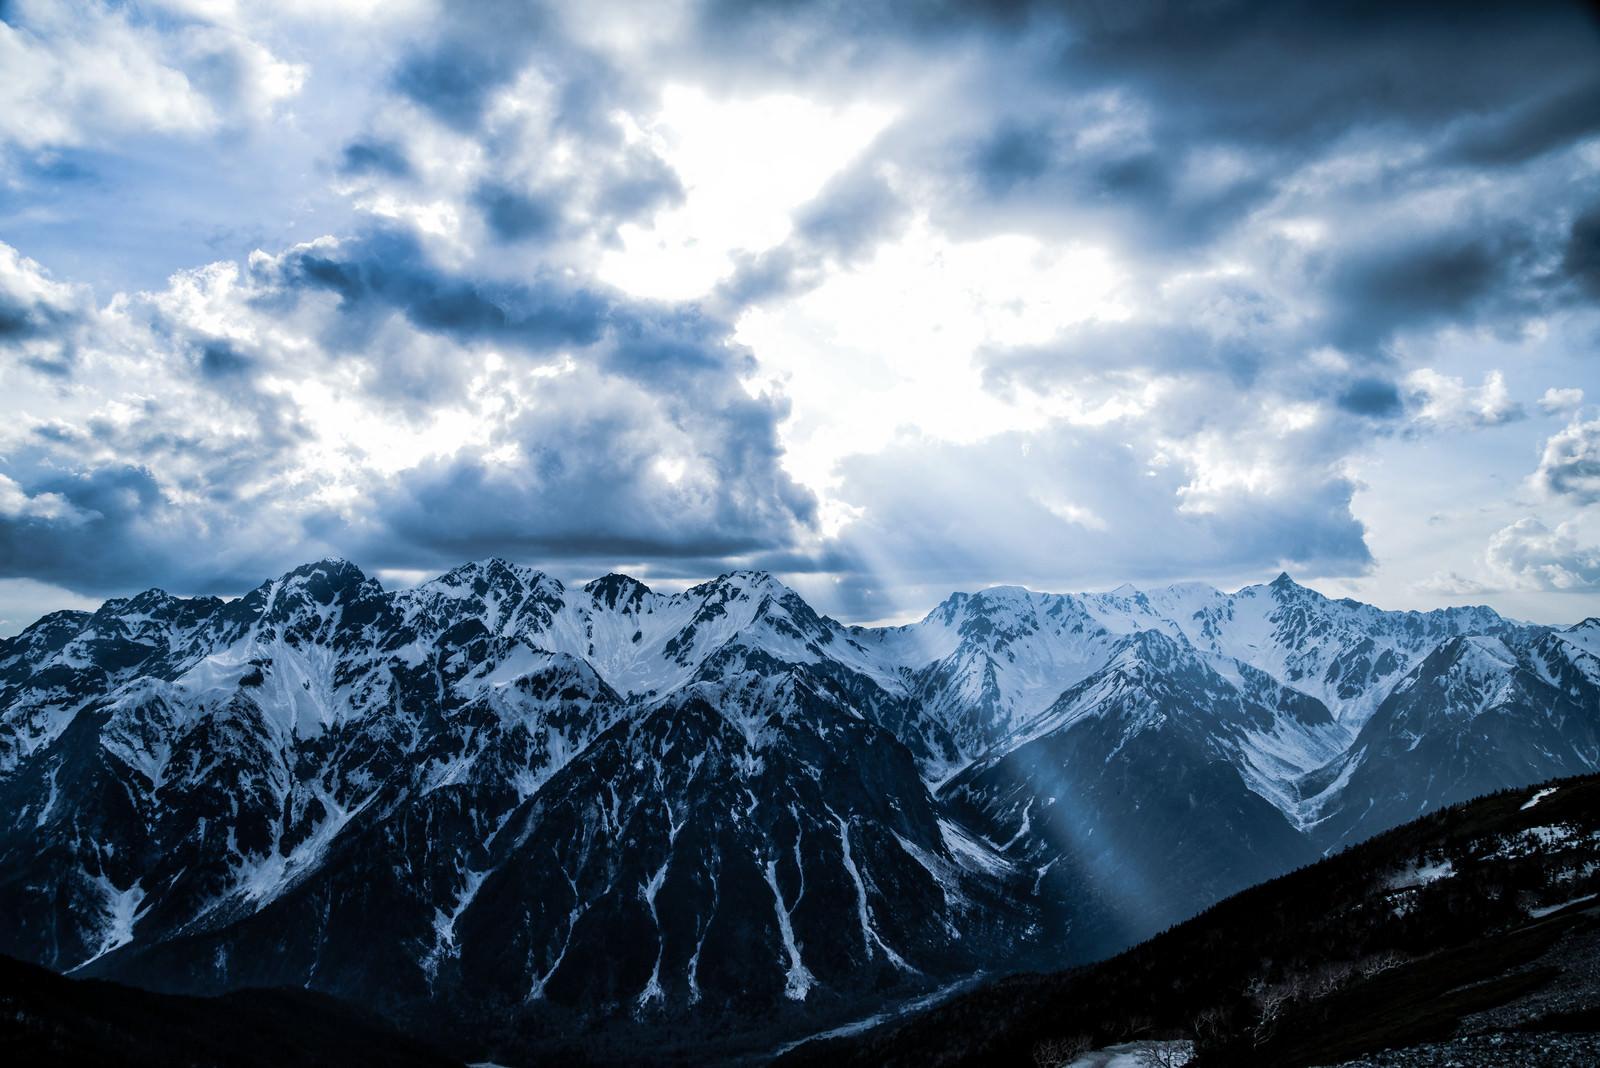 「光が落ちる神々しい飛騨山脈(北アルプス)」の写真